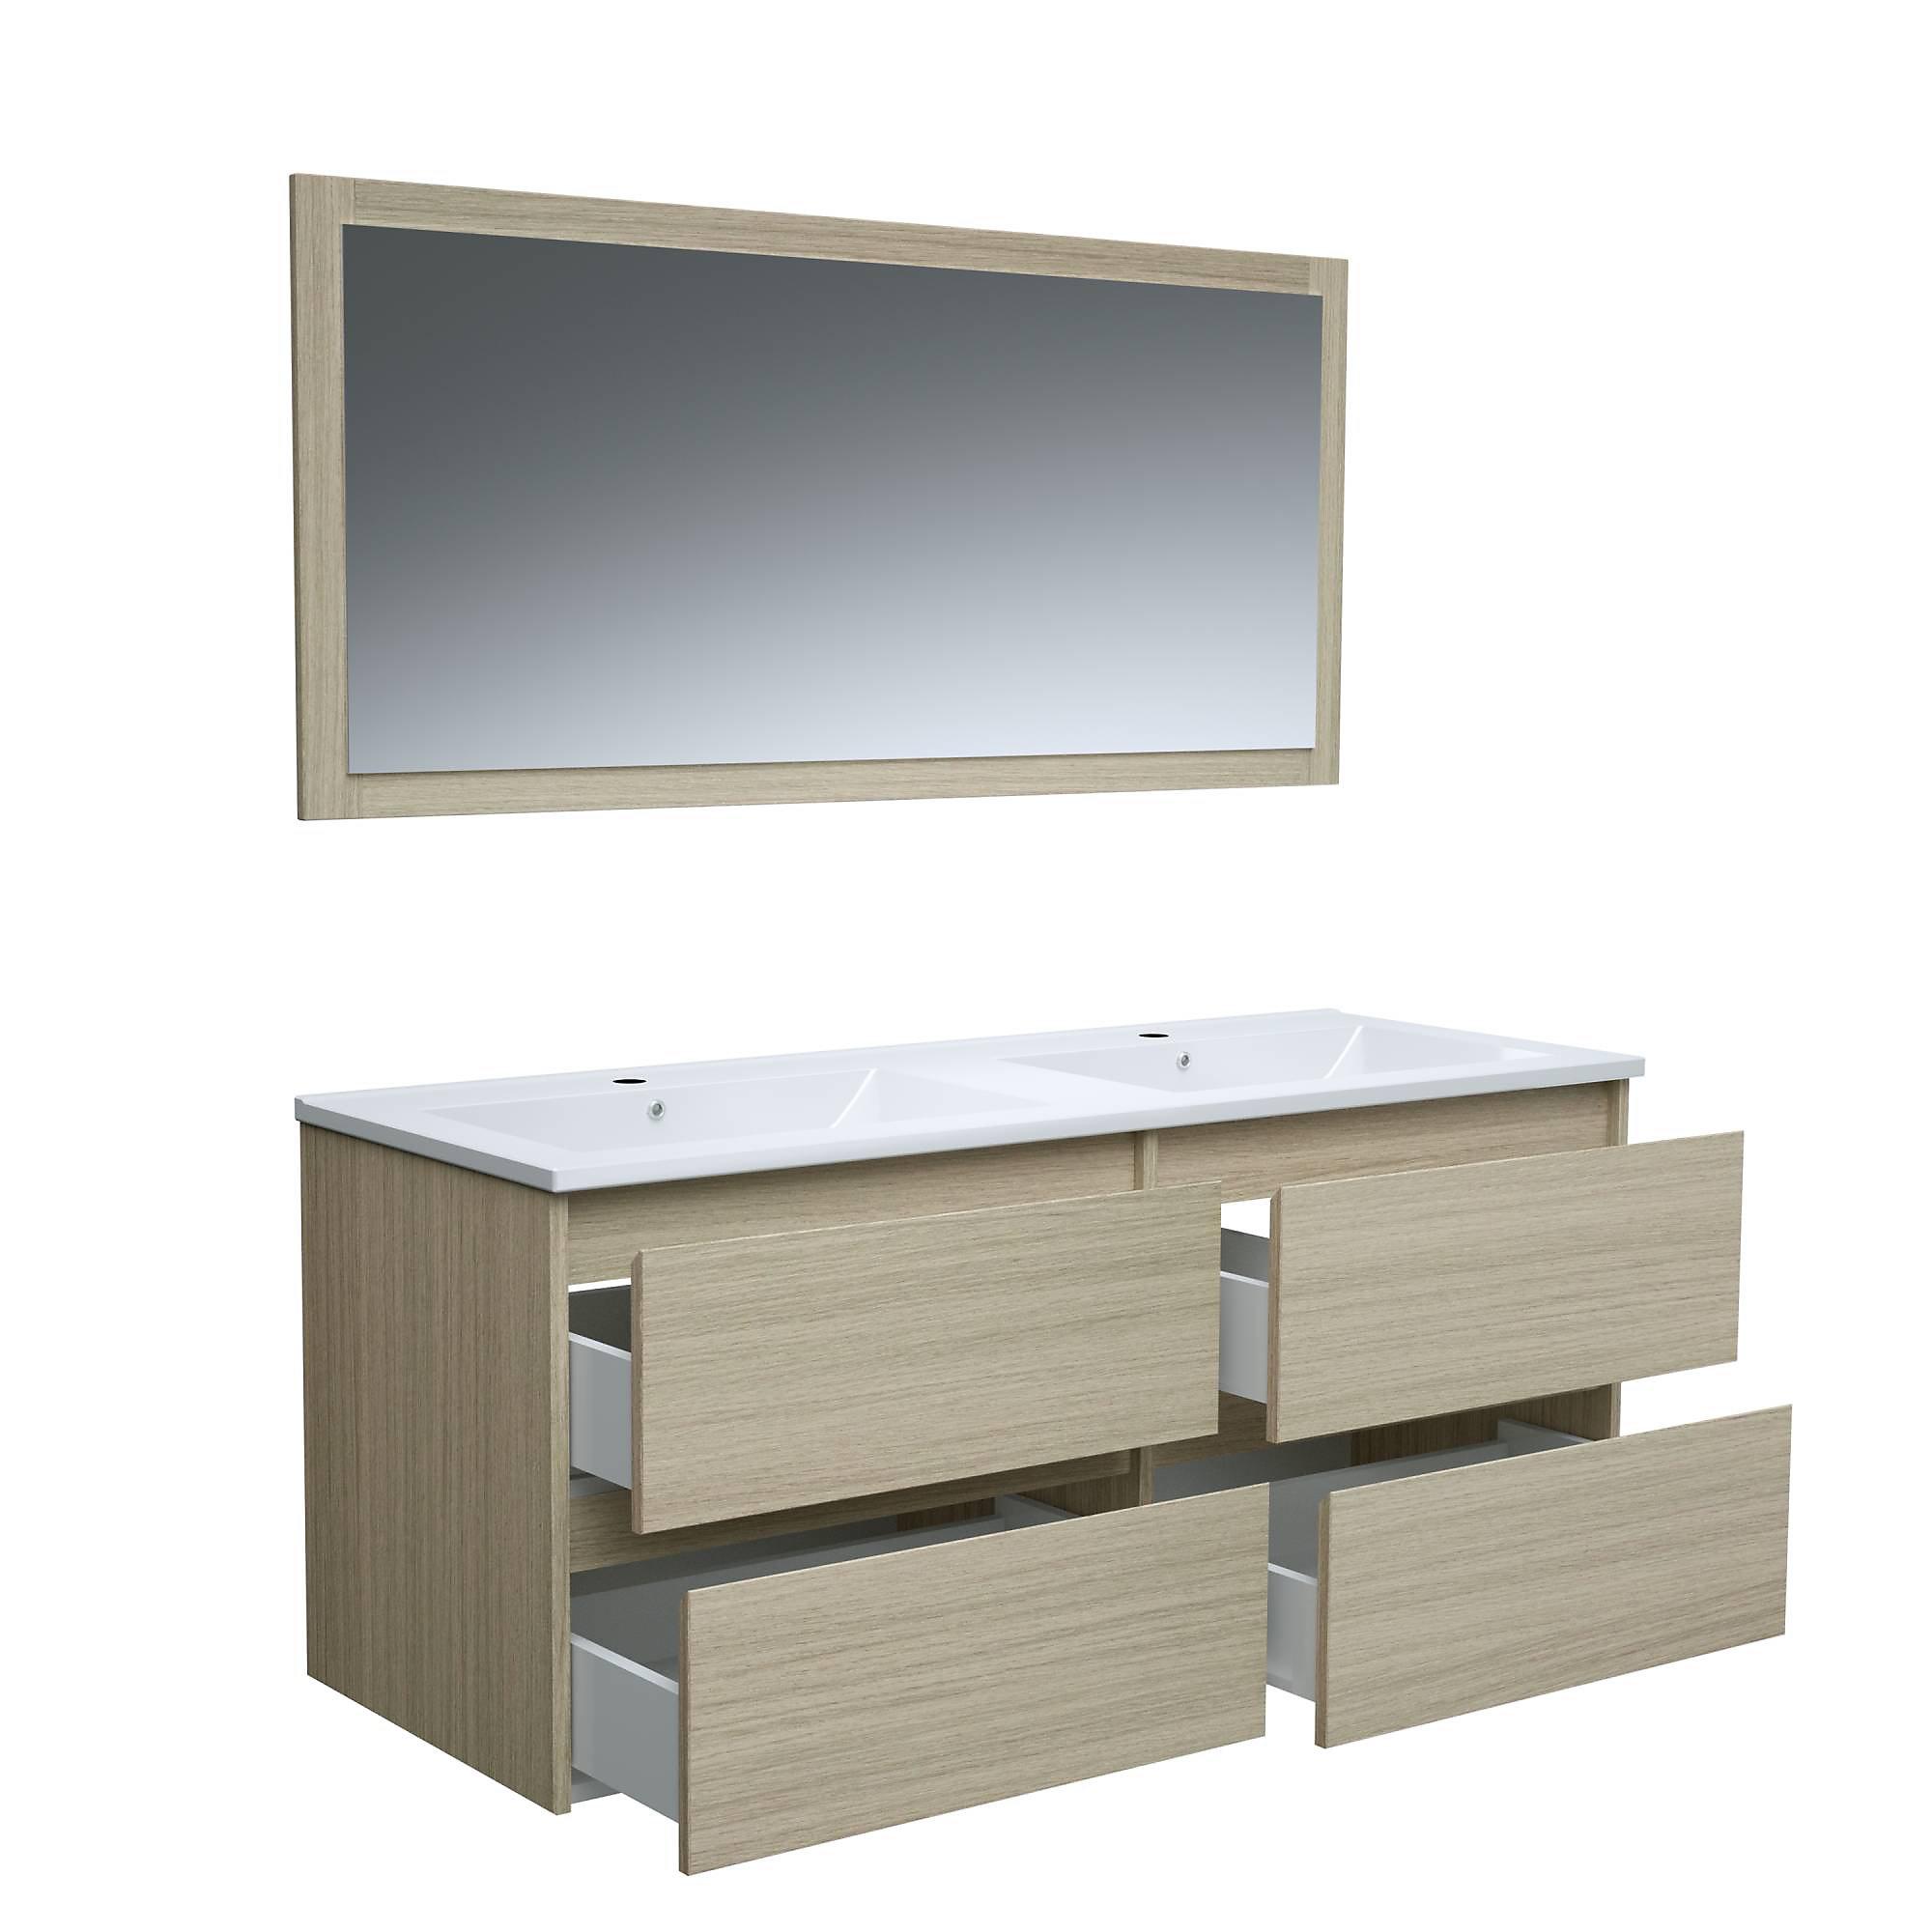 Ensemble Timber (3 pièces) - Meuble sous vasque à suspendre + plan double vasque céramique + miroir